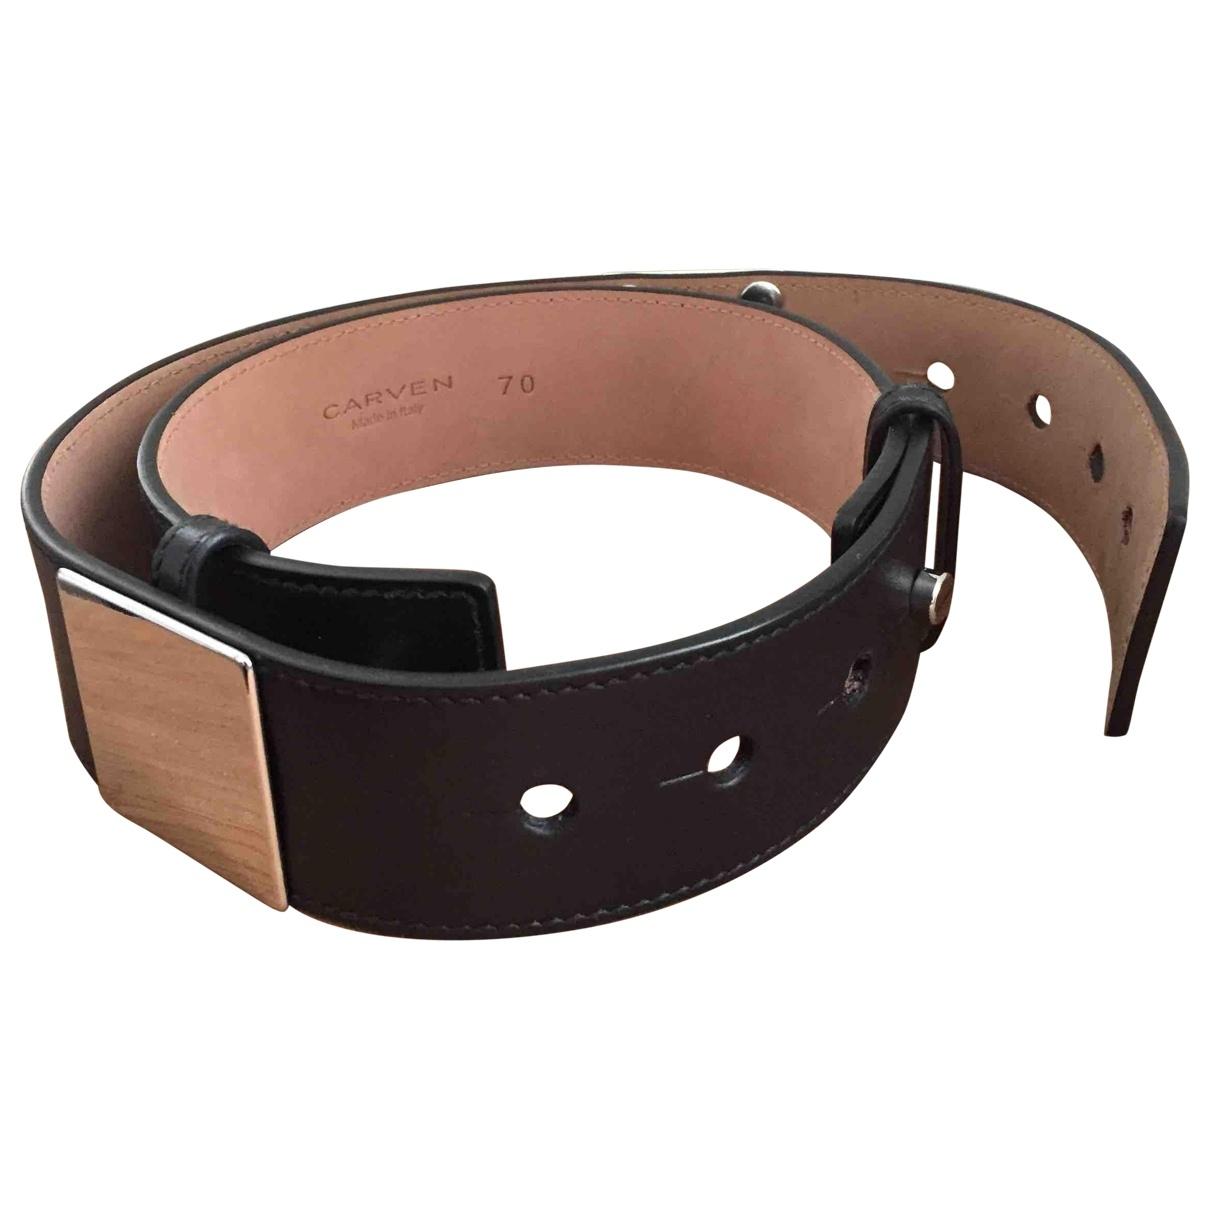 Cinturon de Cuero Carven